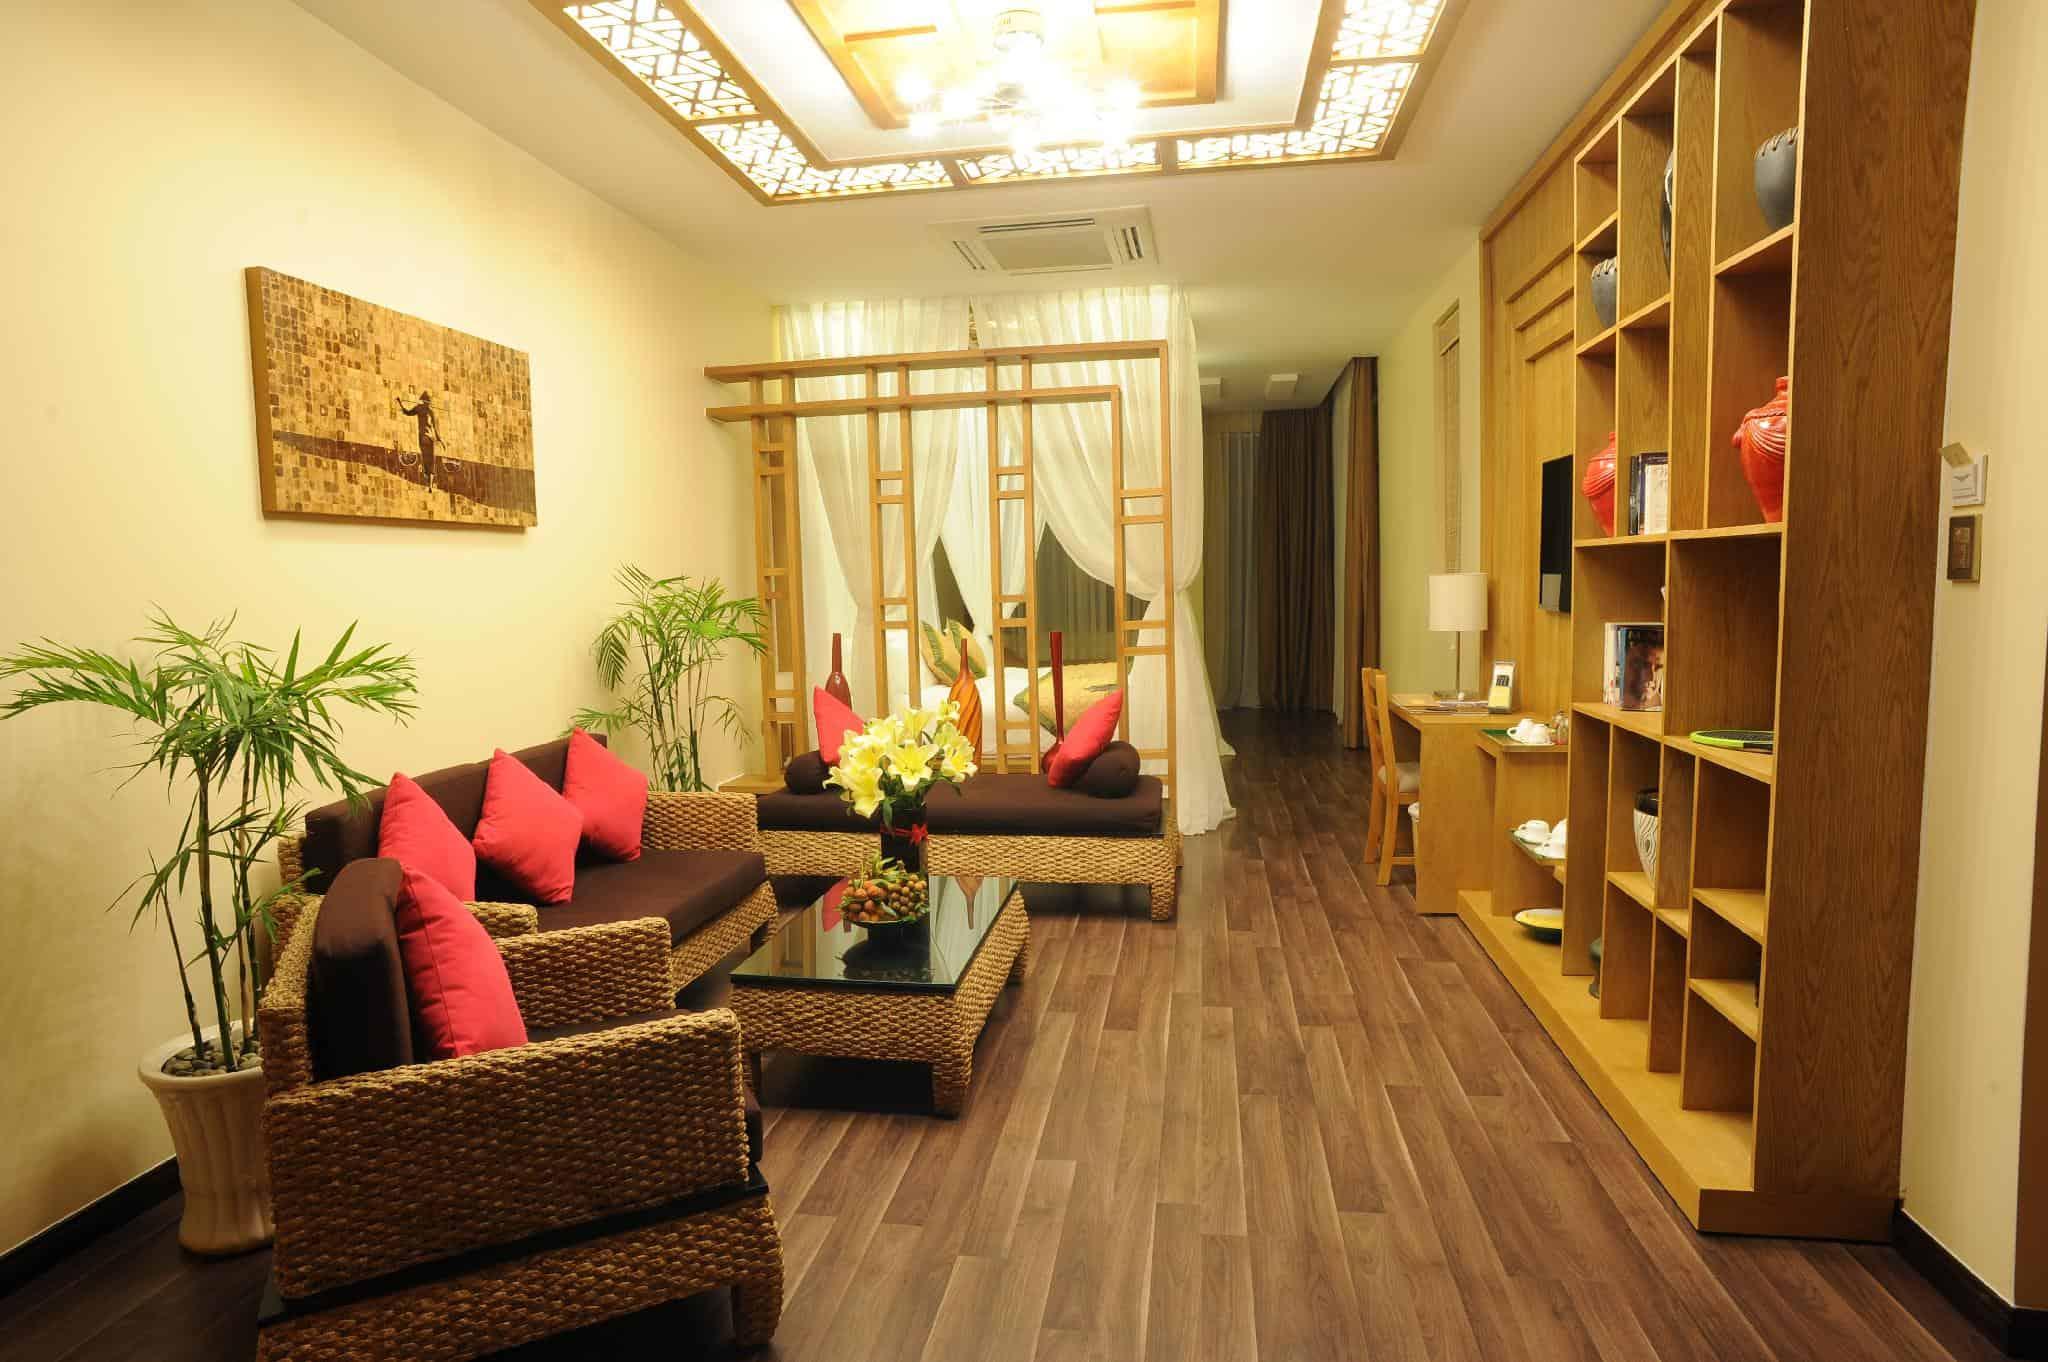 Villa với diện tích lên tới 119m2. Hình: Aroma Beach Resort & Spa